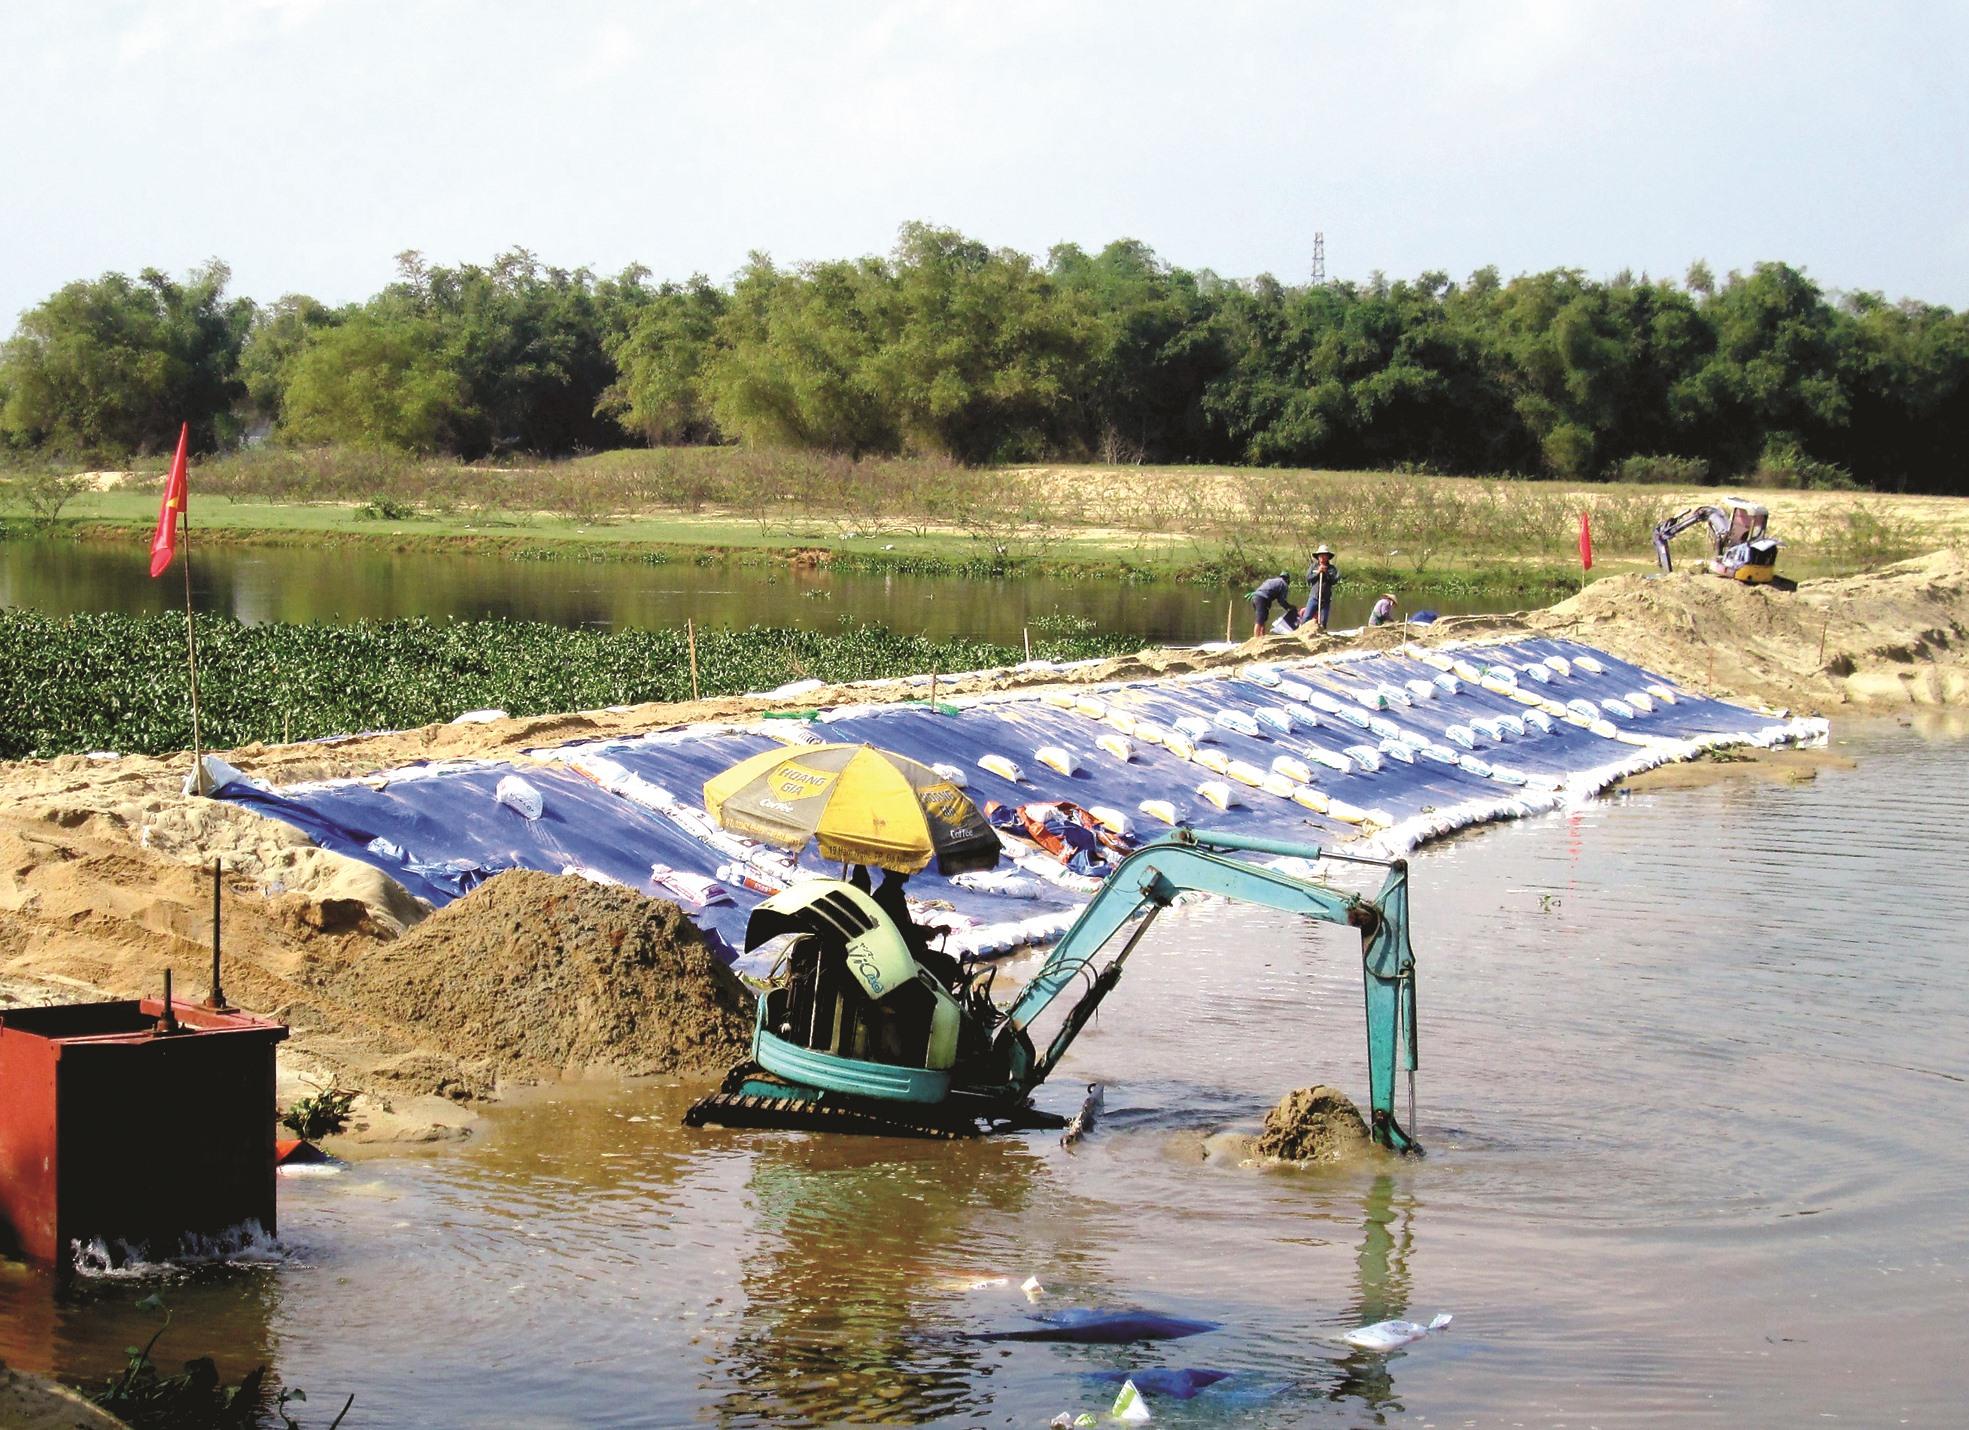 Nhờ dự lường trước diễn biến xấu, ngay từ đầu năm 2020, Công ty TNHH MTV Khai thác thủy lợi Quảng Nam đã tiến hành đắp đập bổi ngăn mặn - giữ ngọt trên sông Bà Rén tại khu vực Cầu Đen thuộc địa phận thị trấn Nam Phước (huyện Duy Xuyên).Ảnh: CÔNG SỰ